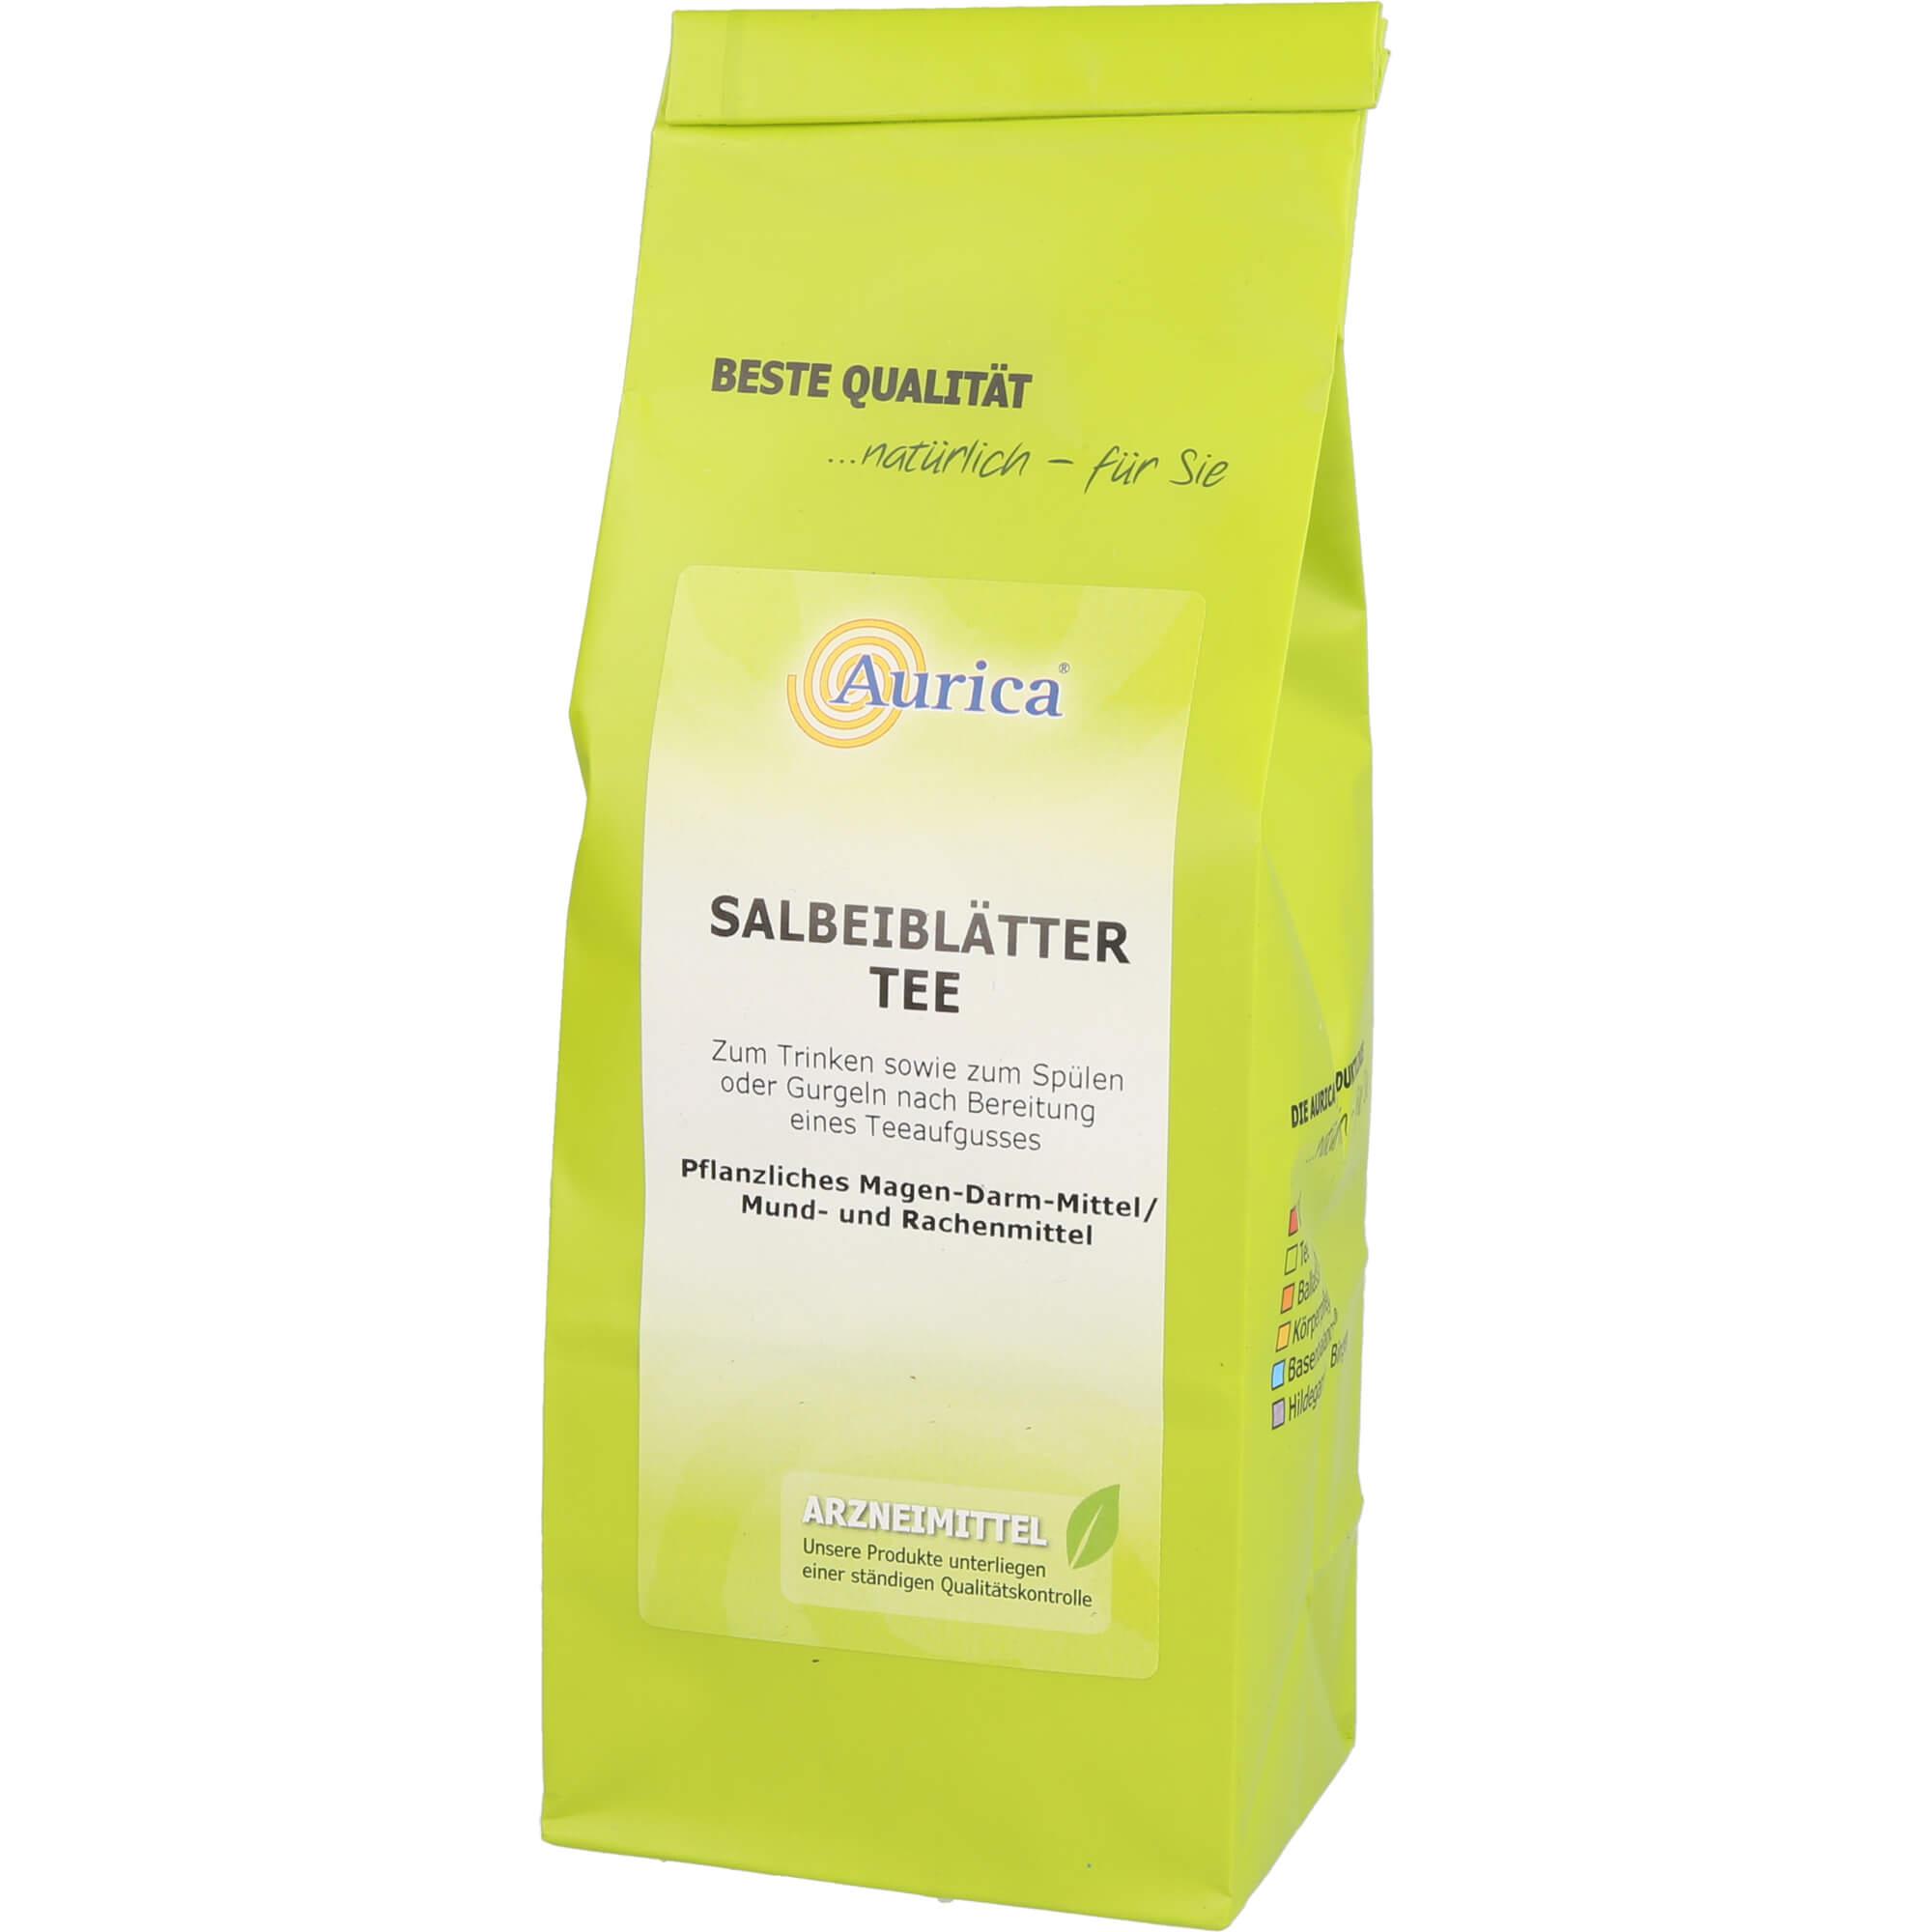 SALBEIBLÄTTER Tee Aurica